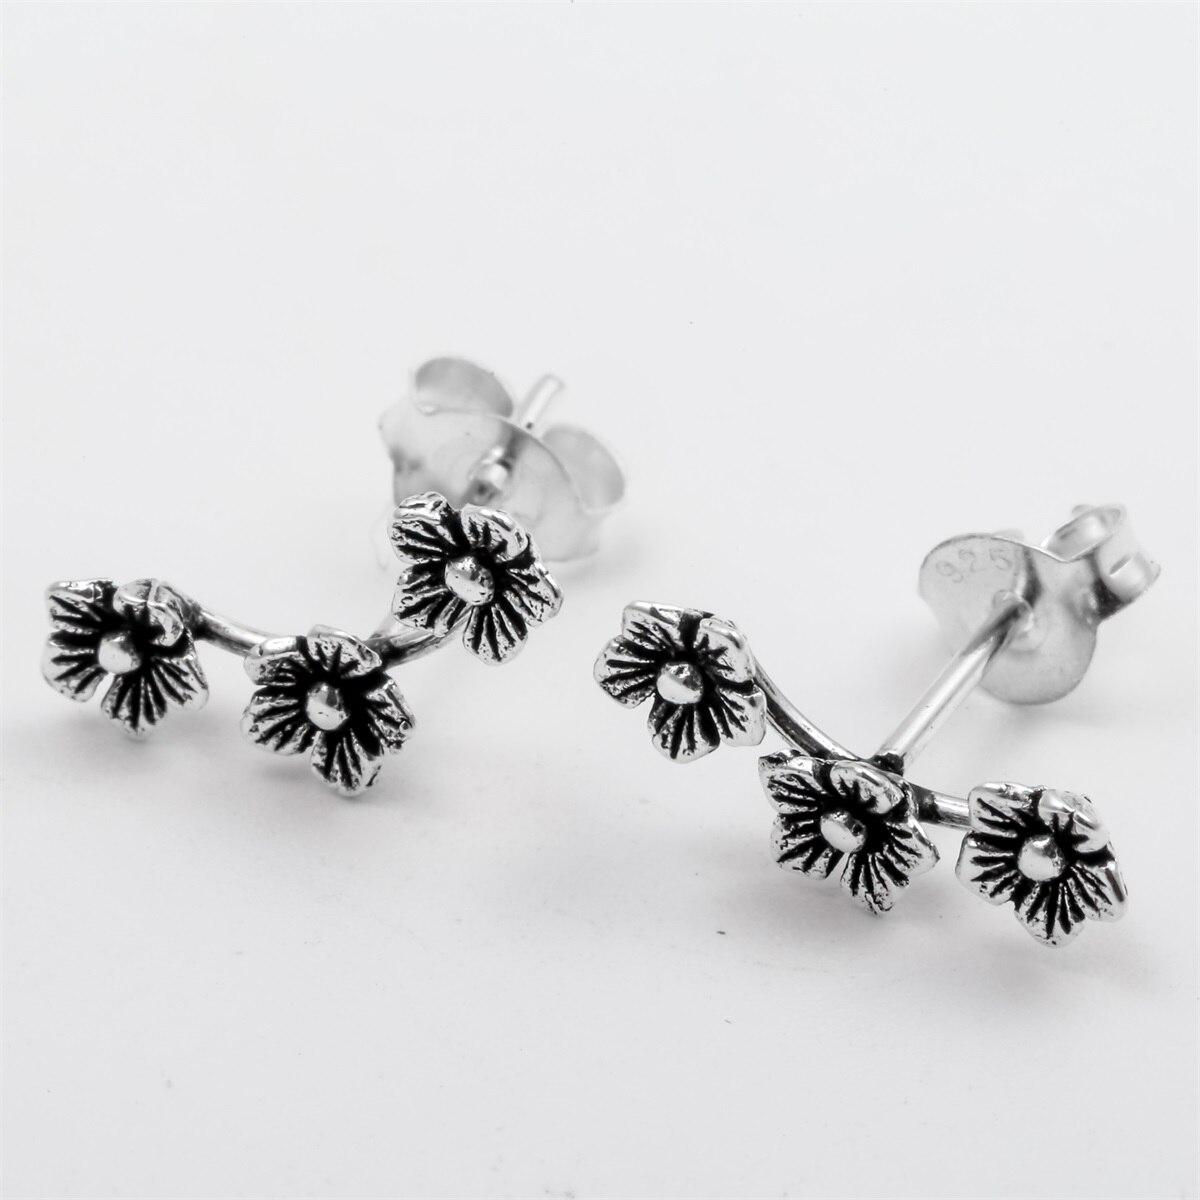 YACQ 925 Fleurs En Argent Stud Boucles D'oreilles CostumeFashion Bijoux D'anniversaire Cadeaux pour Femmes Filles Sa Mère Dropshipping YCE135 - 3